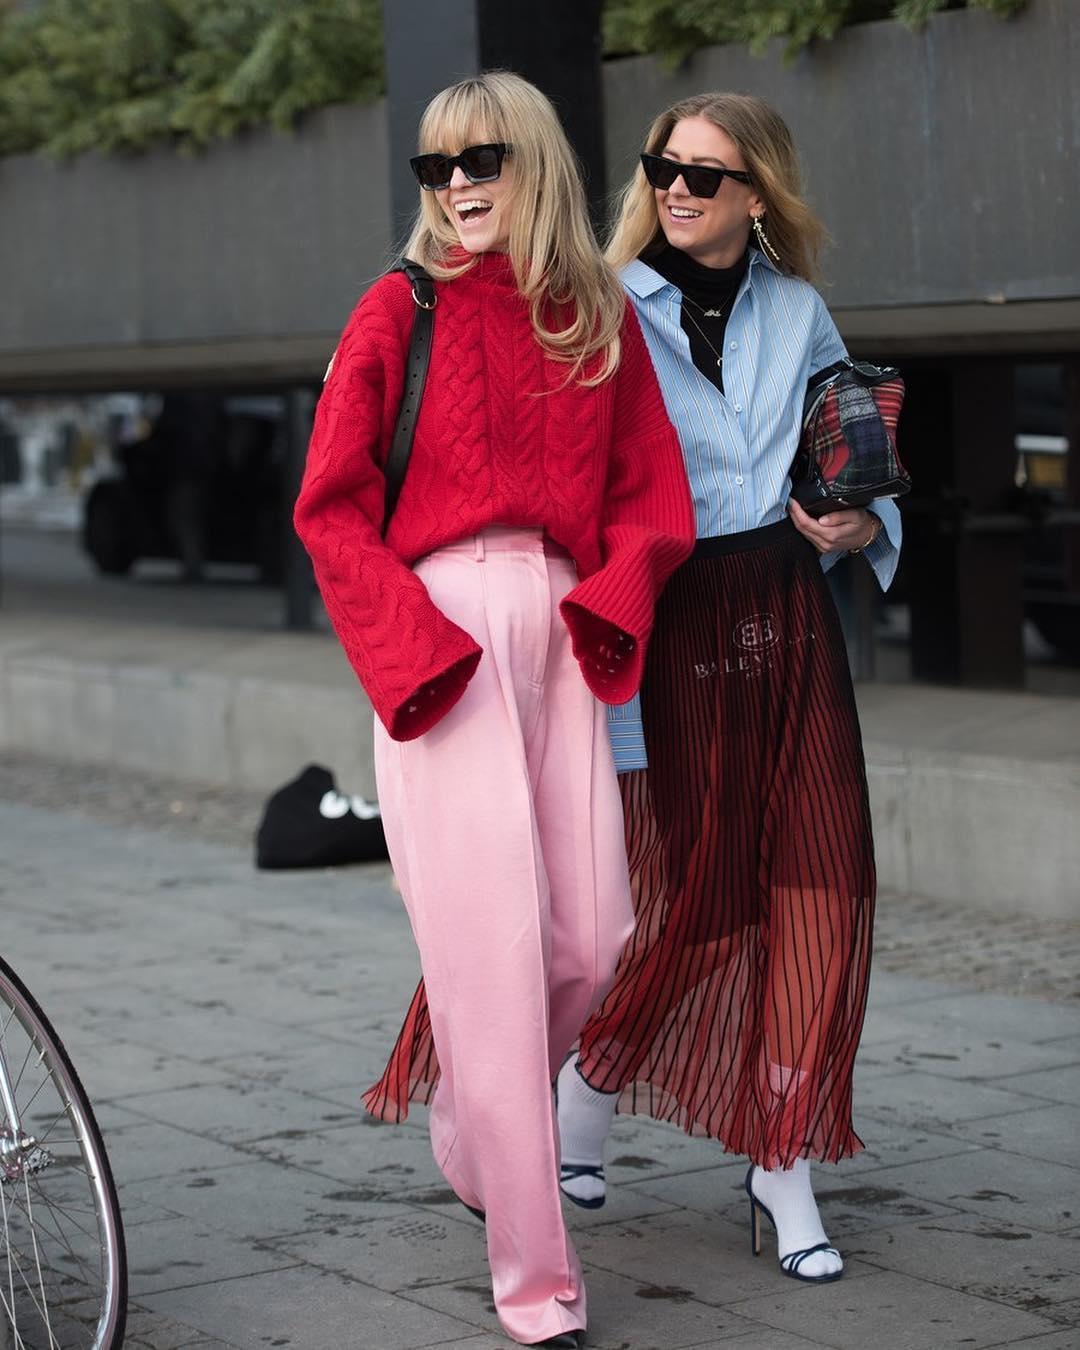 Широкие брюки зимой: с чем сочетать и под что носить-320x180